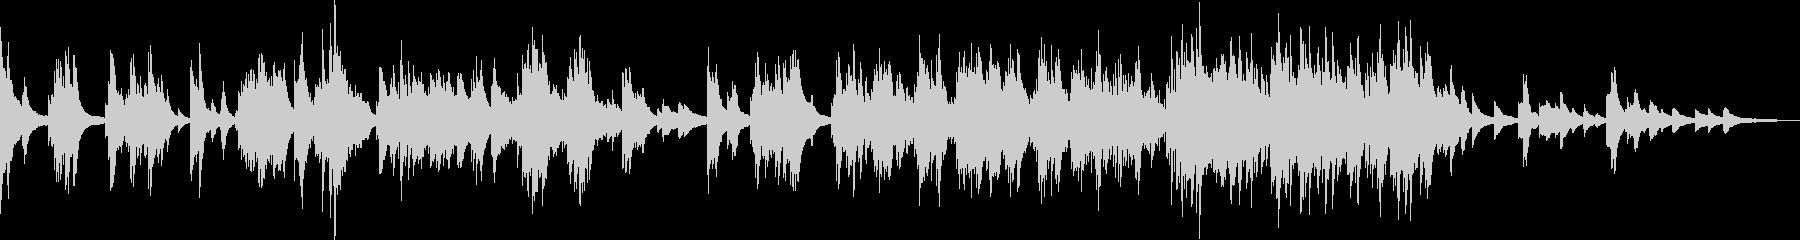 悲劇的なピアノ曲(悲しい・暗い・絶望)の未再生の波形